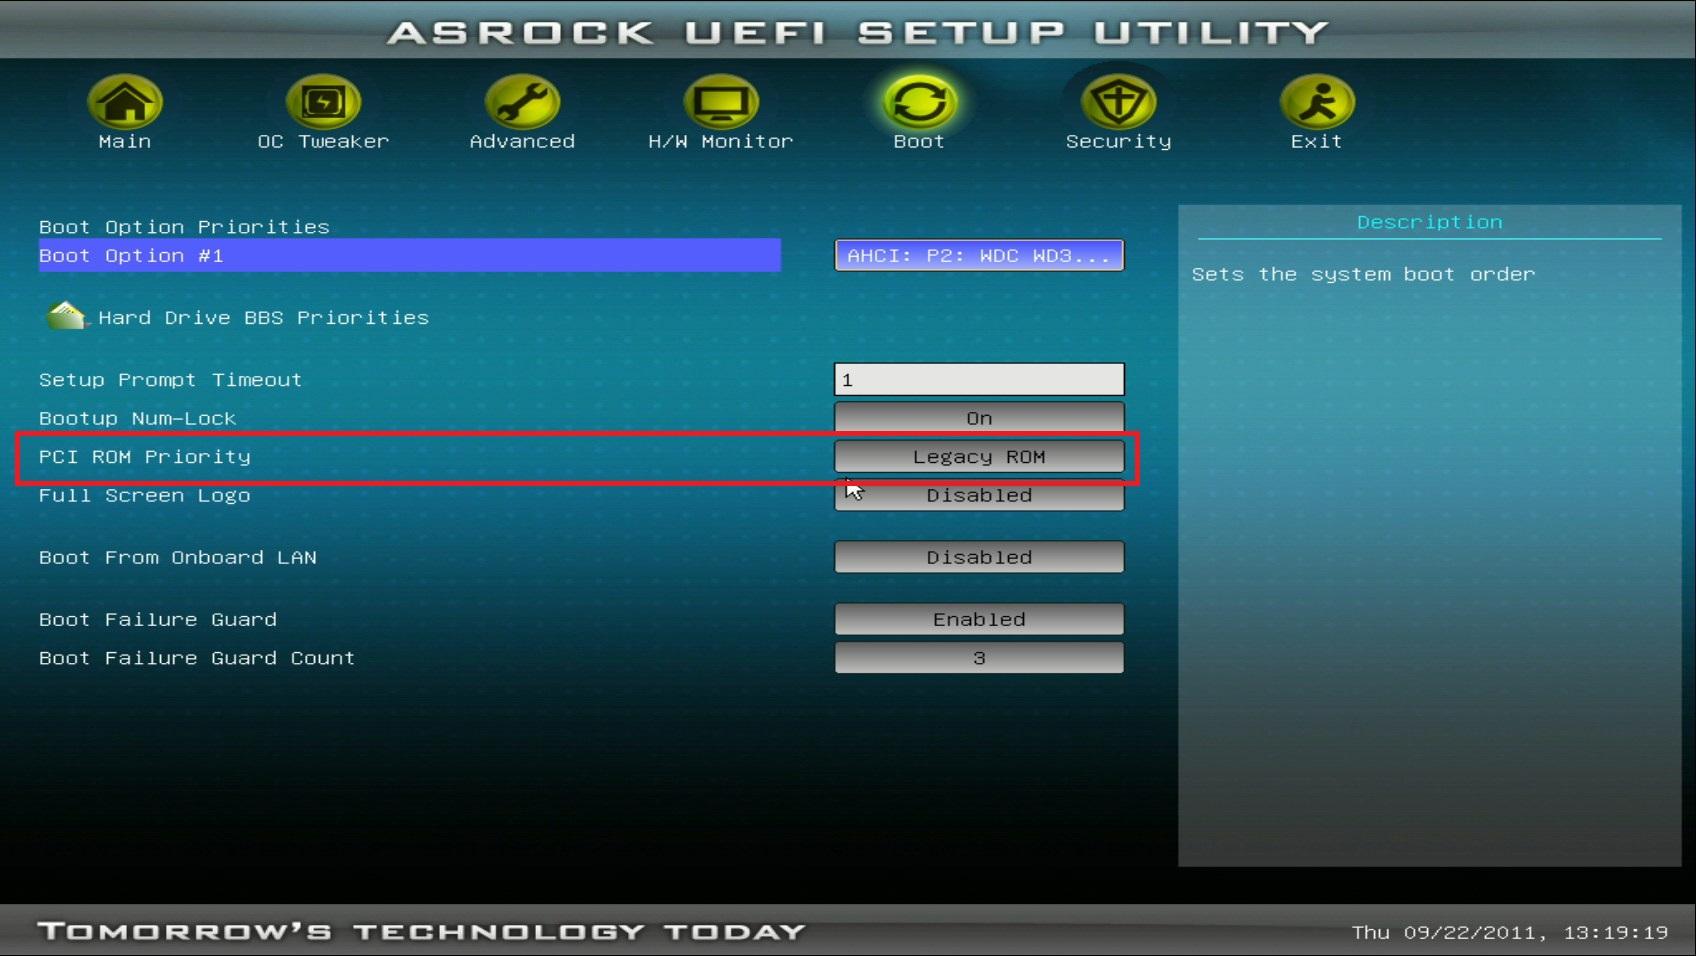 V-razdele-Boot-otkryvaem-podrazdel-PCI-ROM-Priority-.jpg